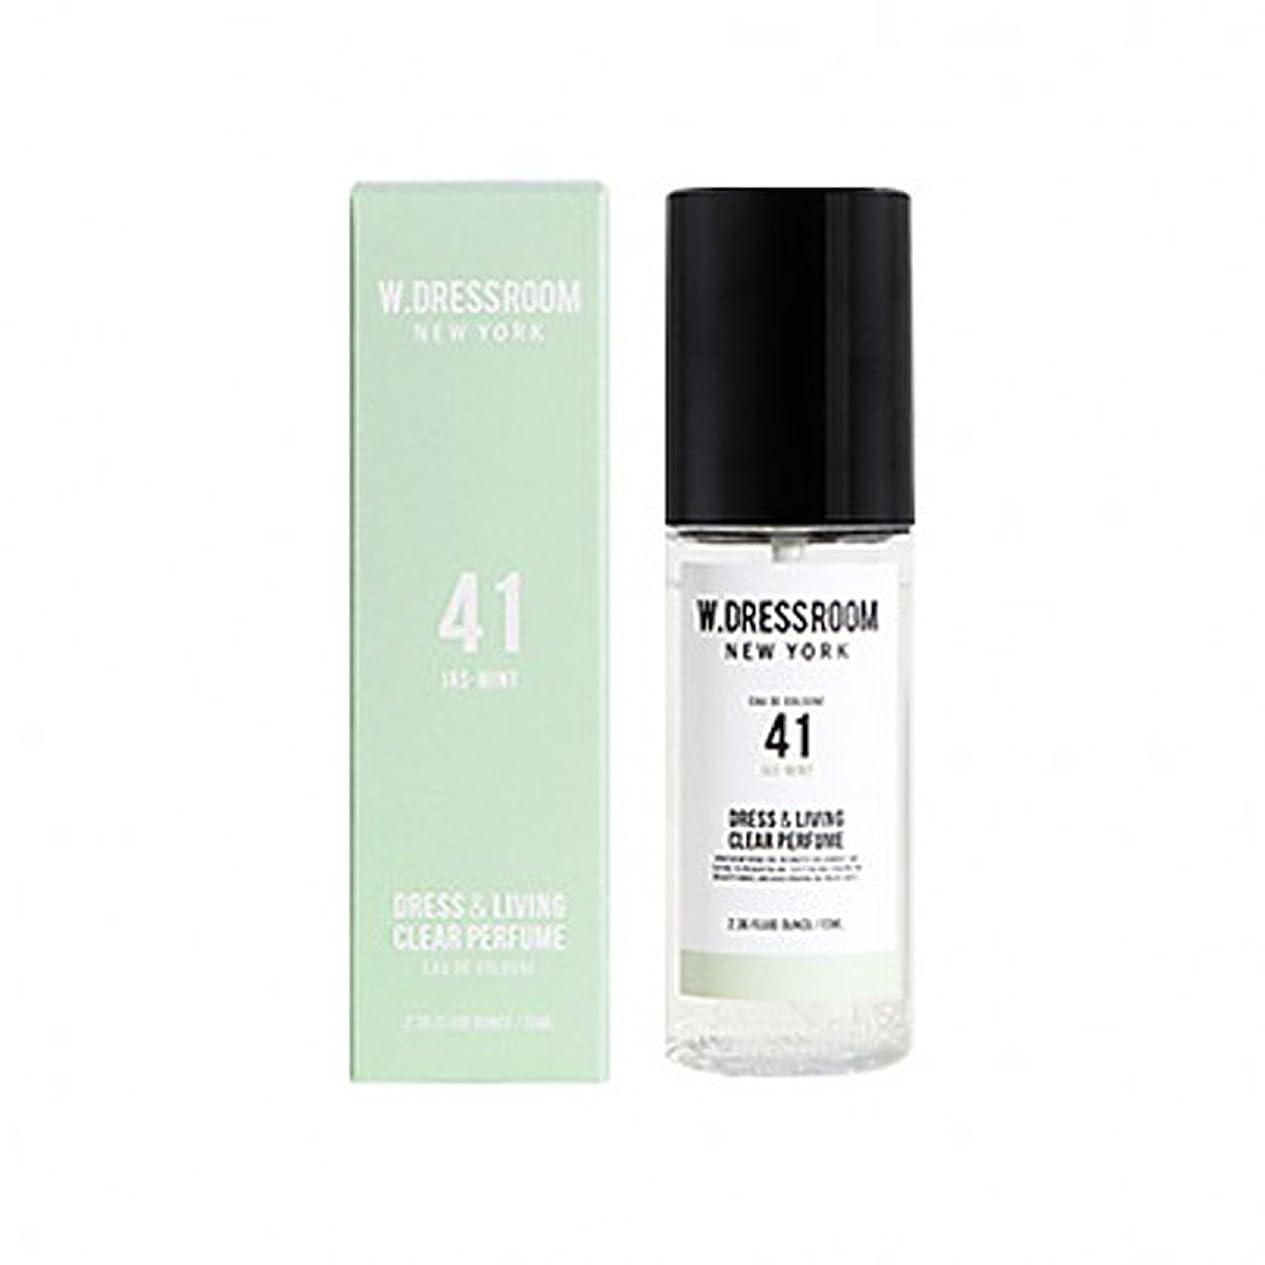 散髪語フィルタW.DRESSROOM Dress & Living Clear Perfume fragrance 70ml (#No.41 Jas-Mint)/ダブルドレスルーム ドレス&リビング クリア パフューム 70ml (#No.41 Jas-Mint)